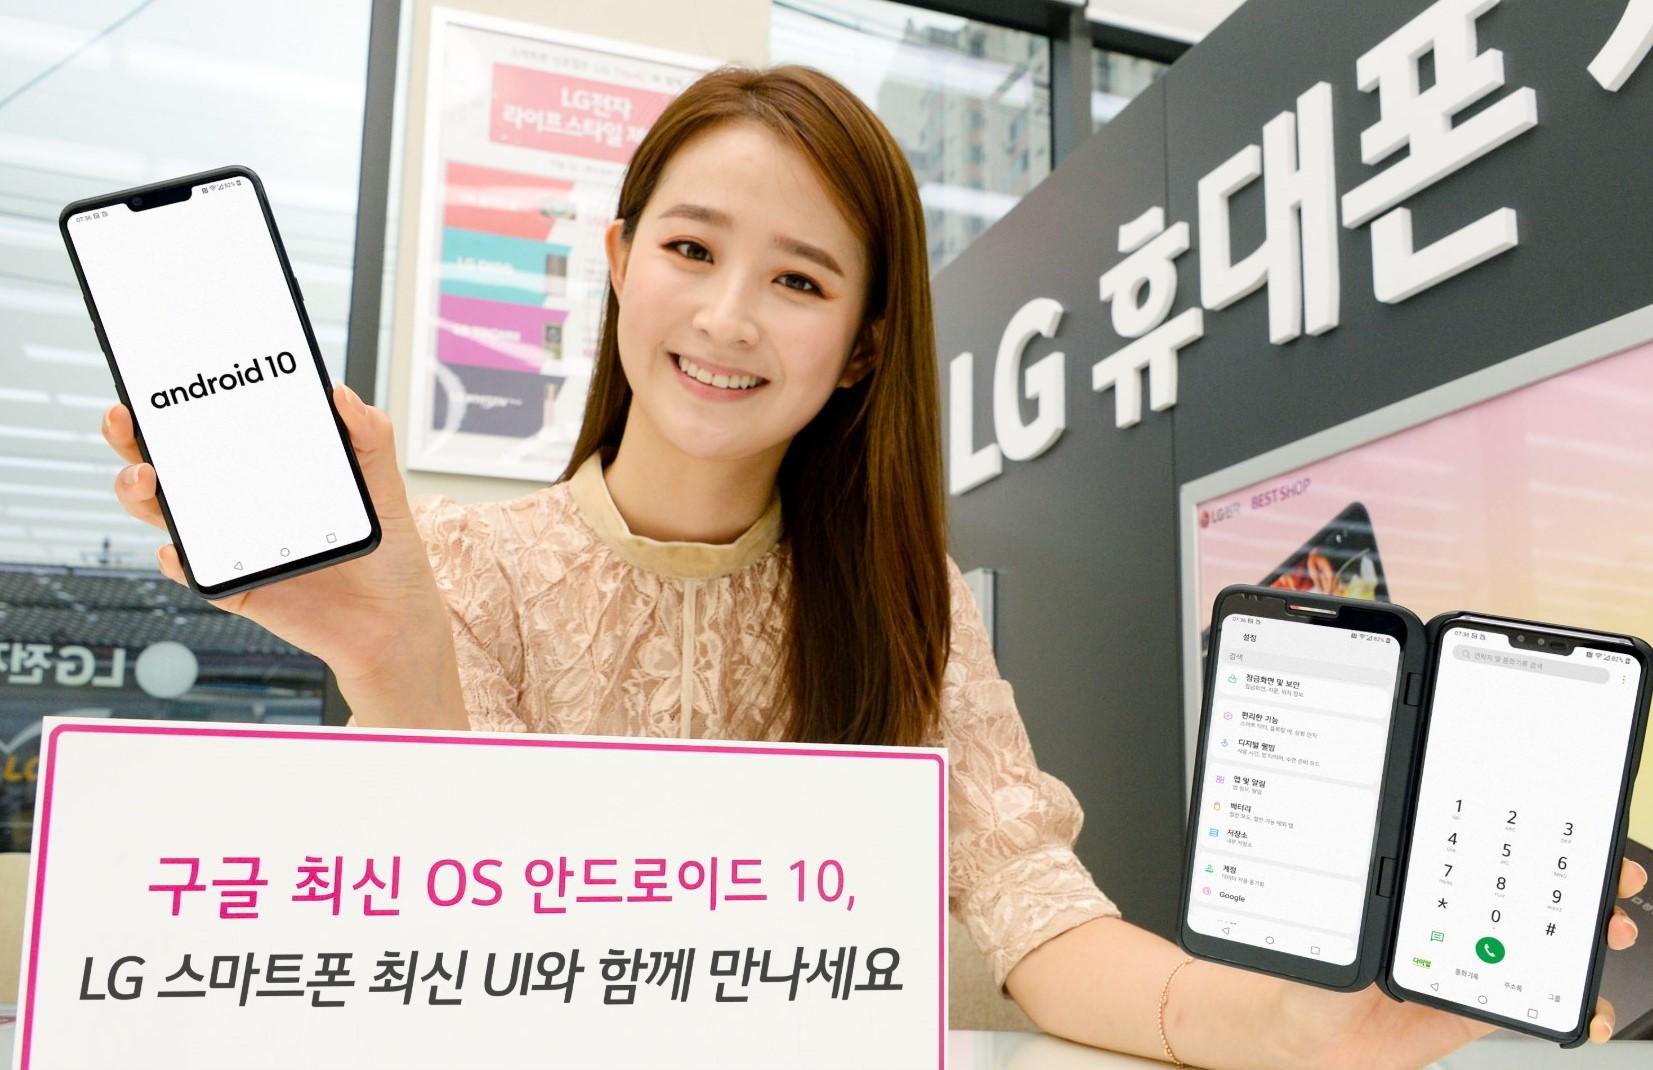 LG obiecuje, że w tym roku bardziej przyłoży się do aktualizacji Androida